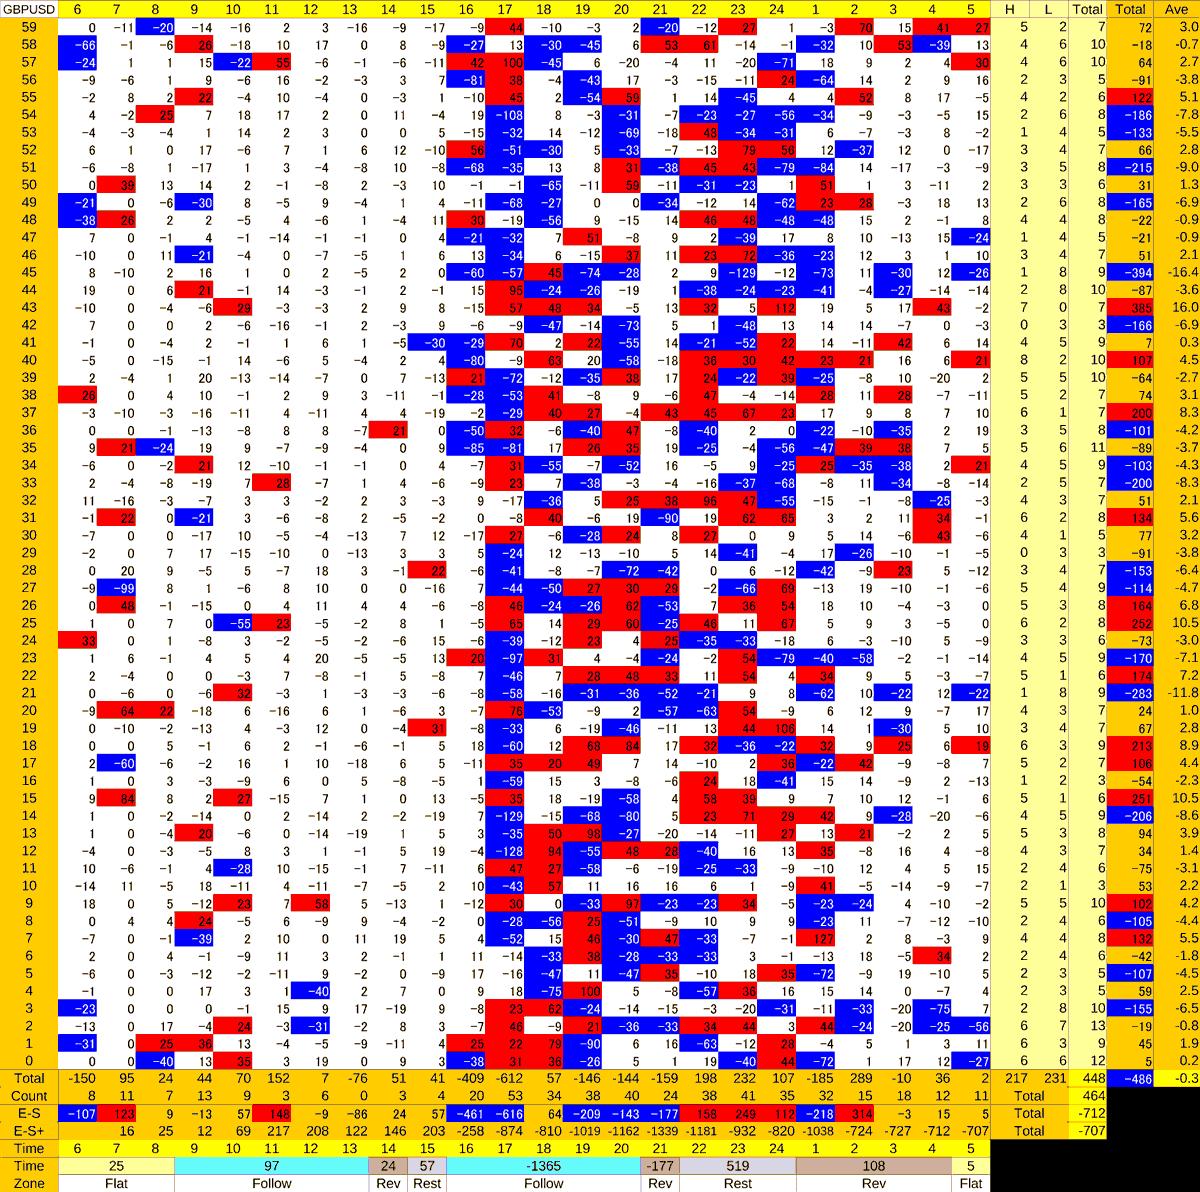 20201211_HS(2)GBPUSD